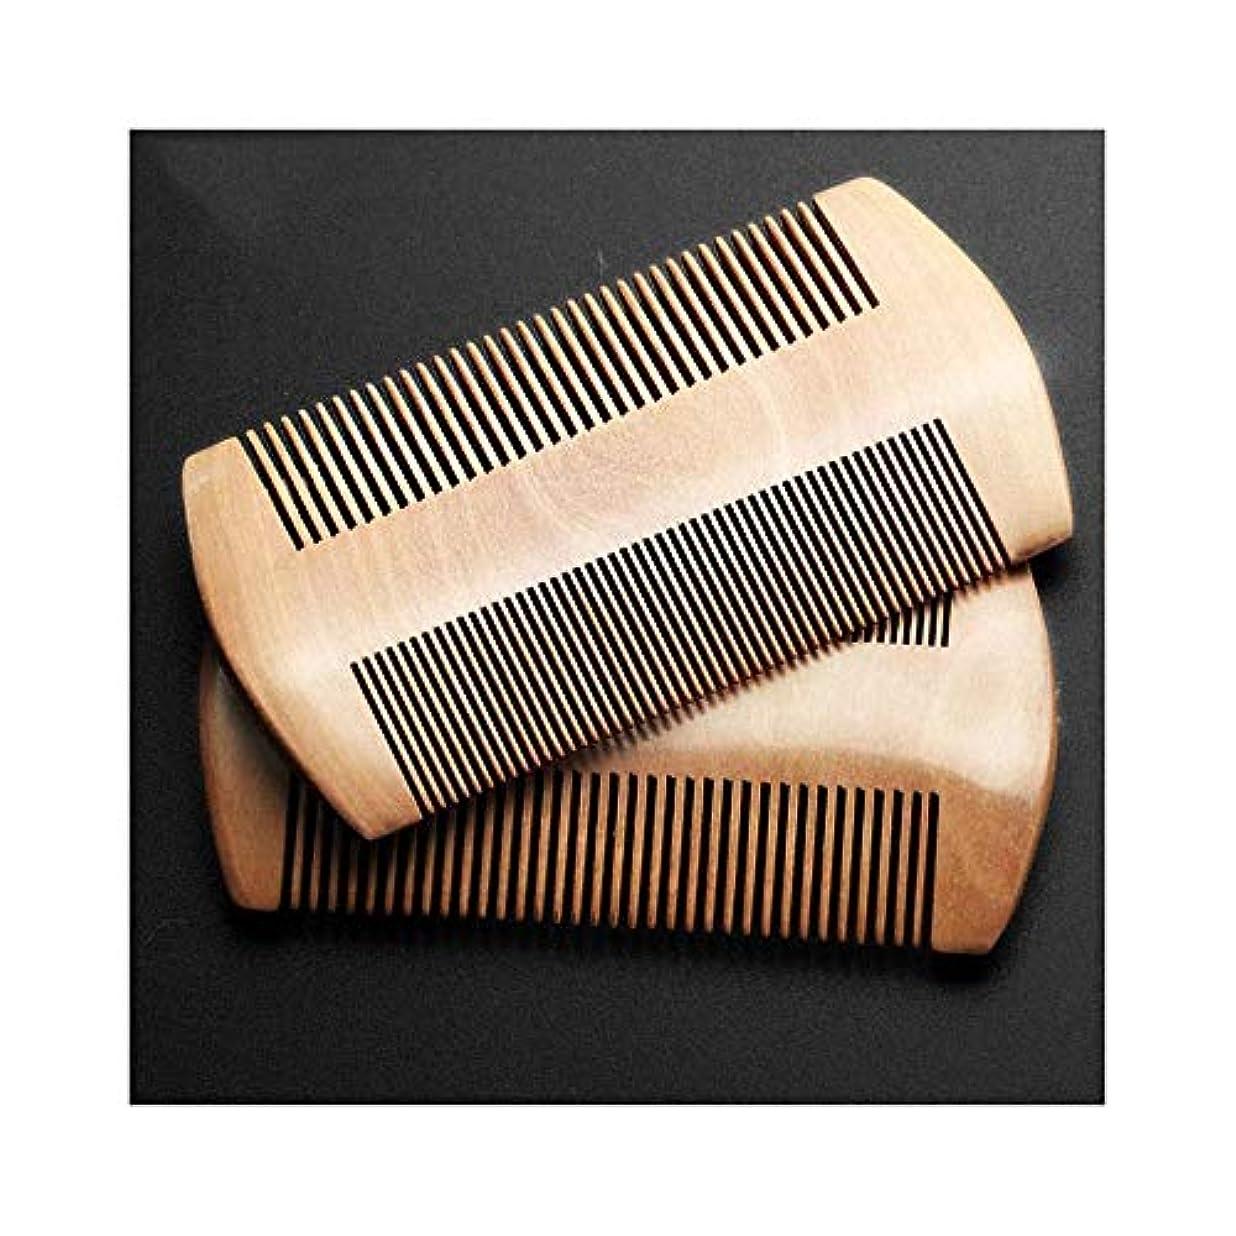 枕脳光沢のあるWASAIO 木のひげの櫛の反静的な口ひげのポケットの櫛のクルミは女性および人のために木製にブラシをかけます